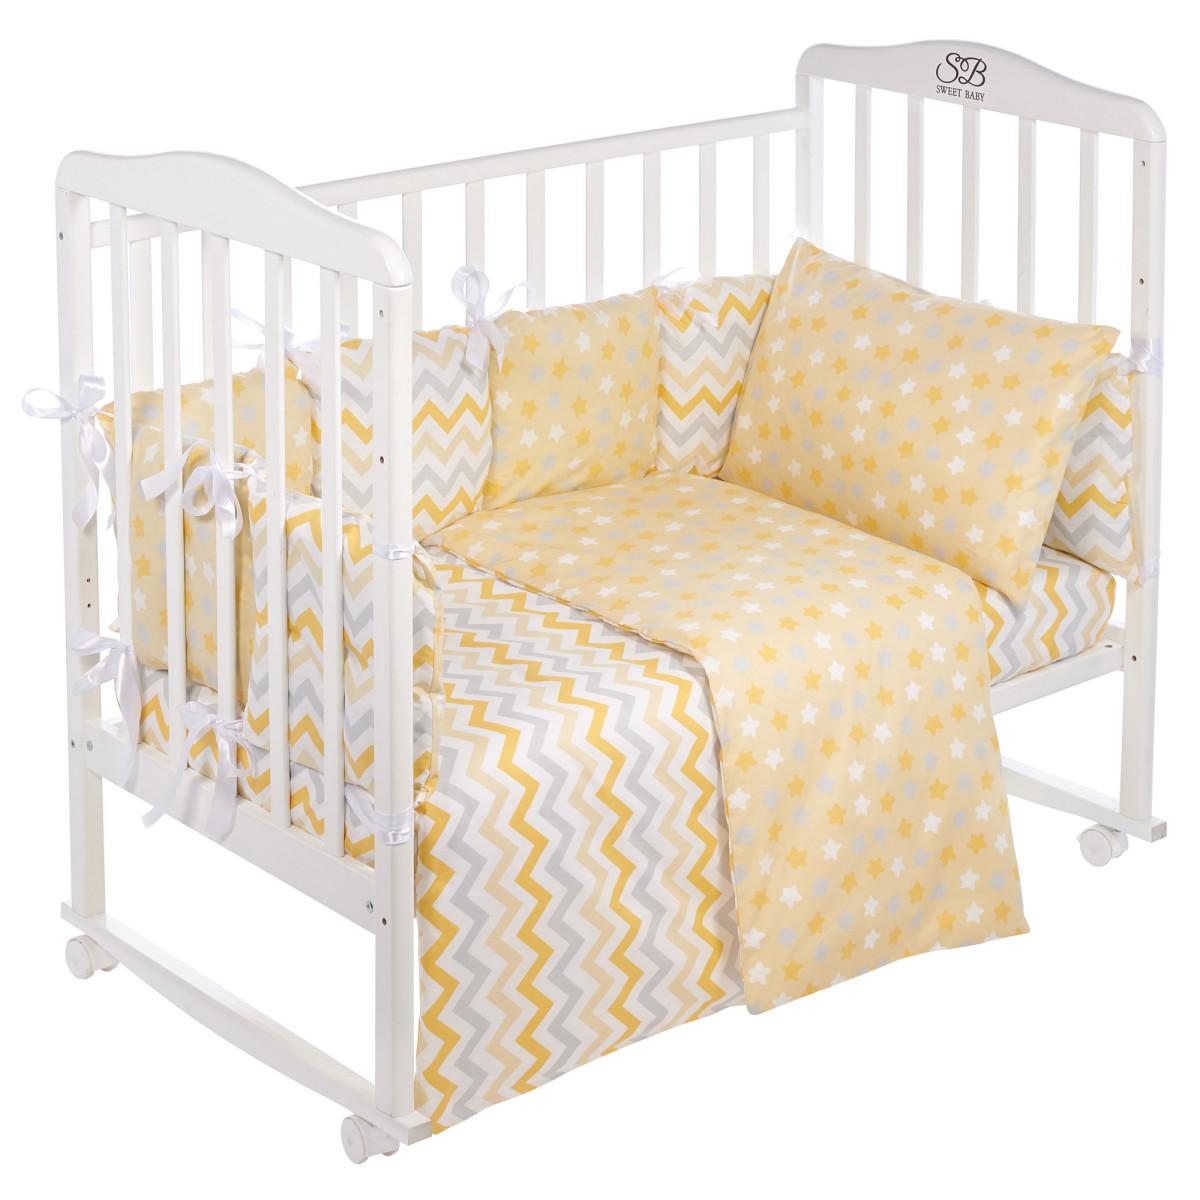 Комплект Постельного Белья Sweet Baby Anastasia В Кроватку Поплин 4 Предмета